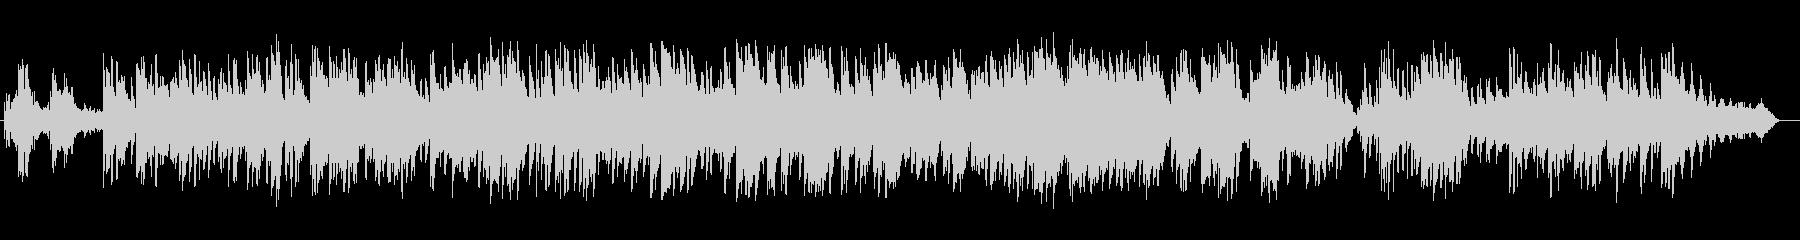 美しく癒しのピアノサウンドの未再生の波形